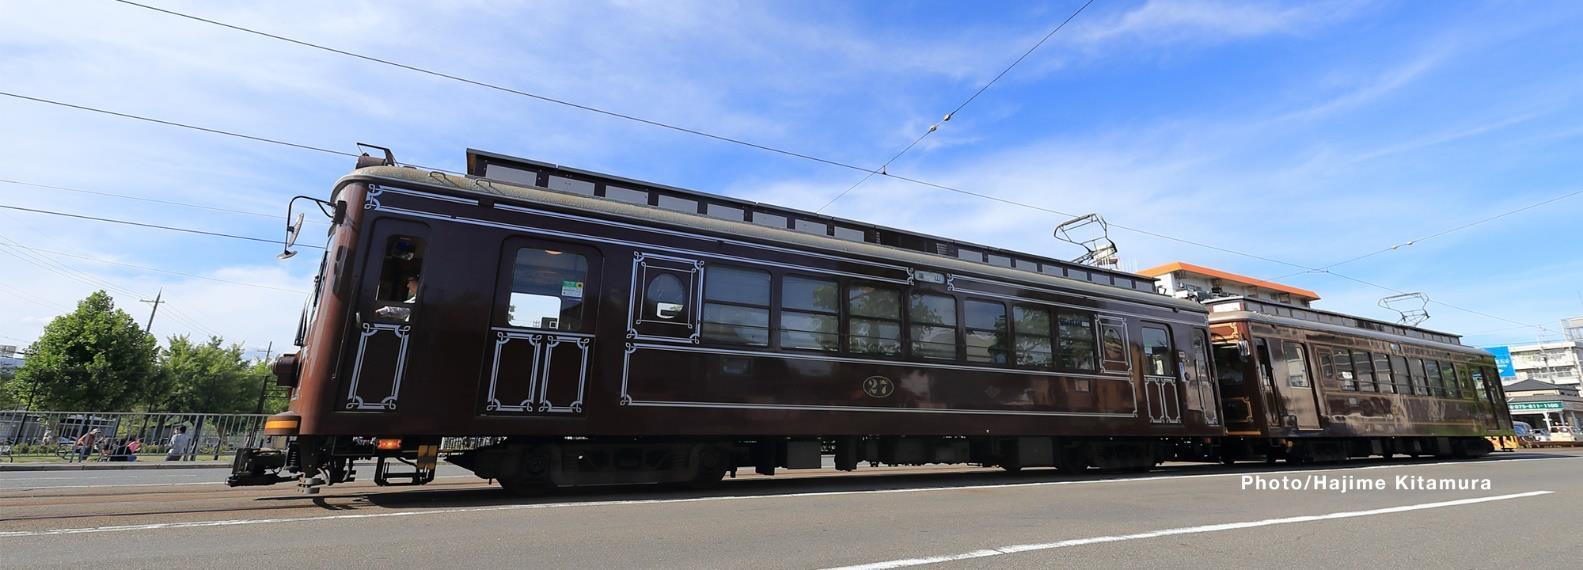 モボ21形26・27号車